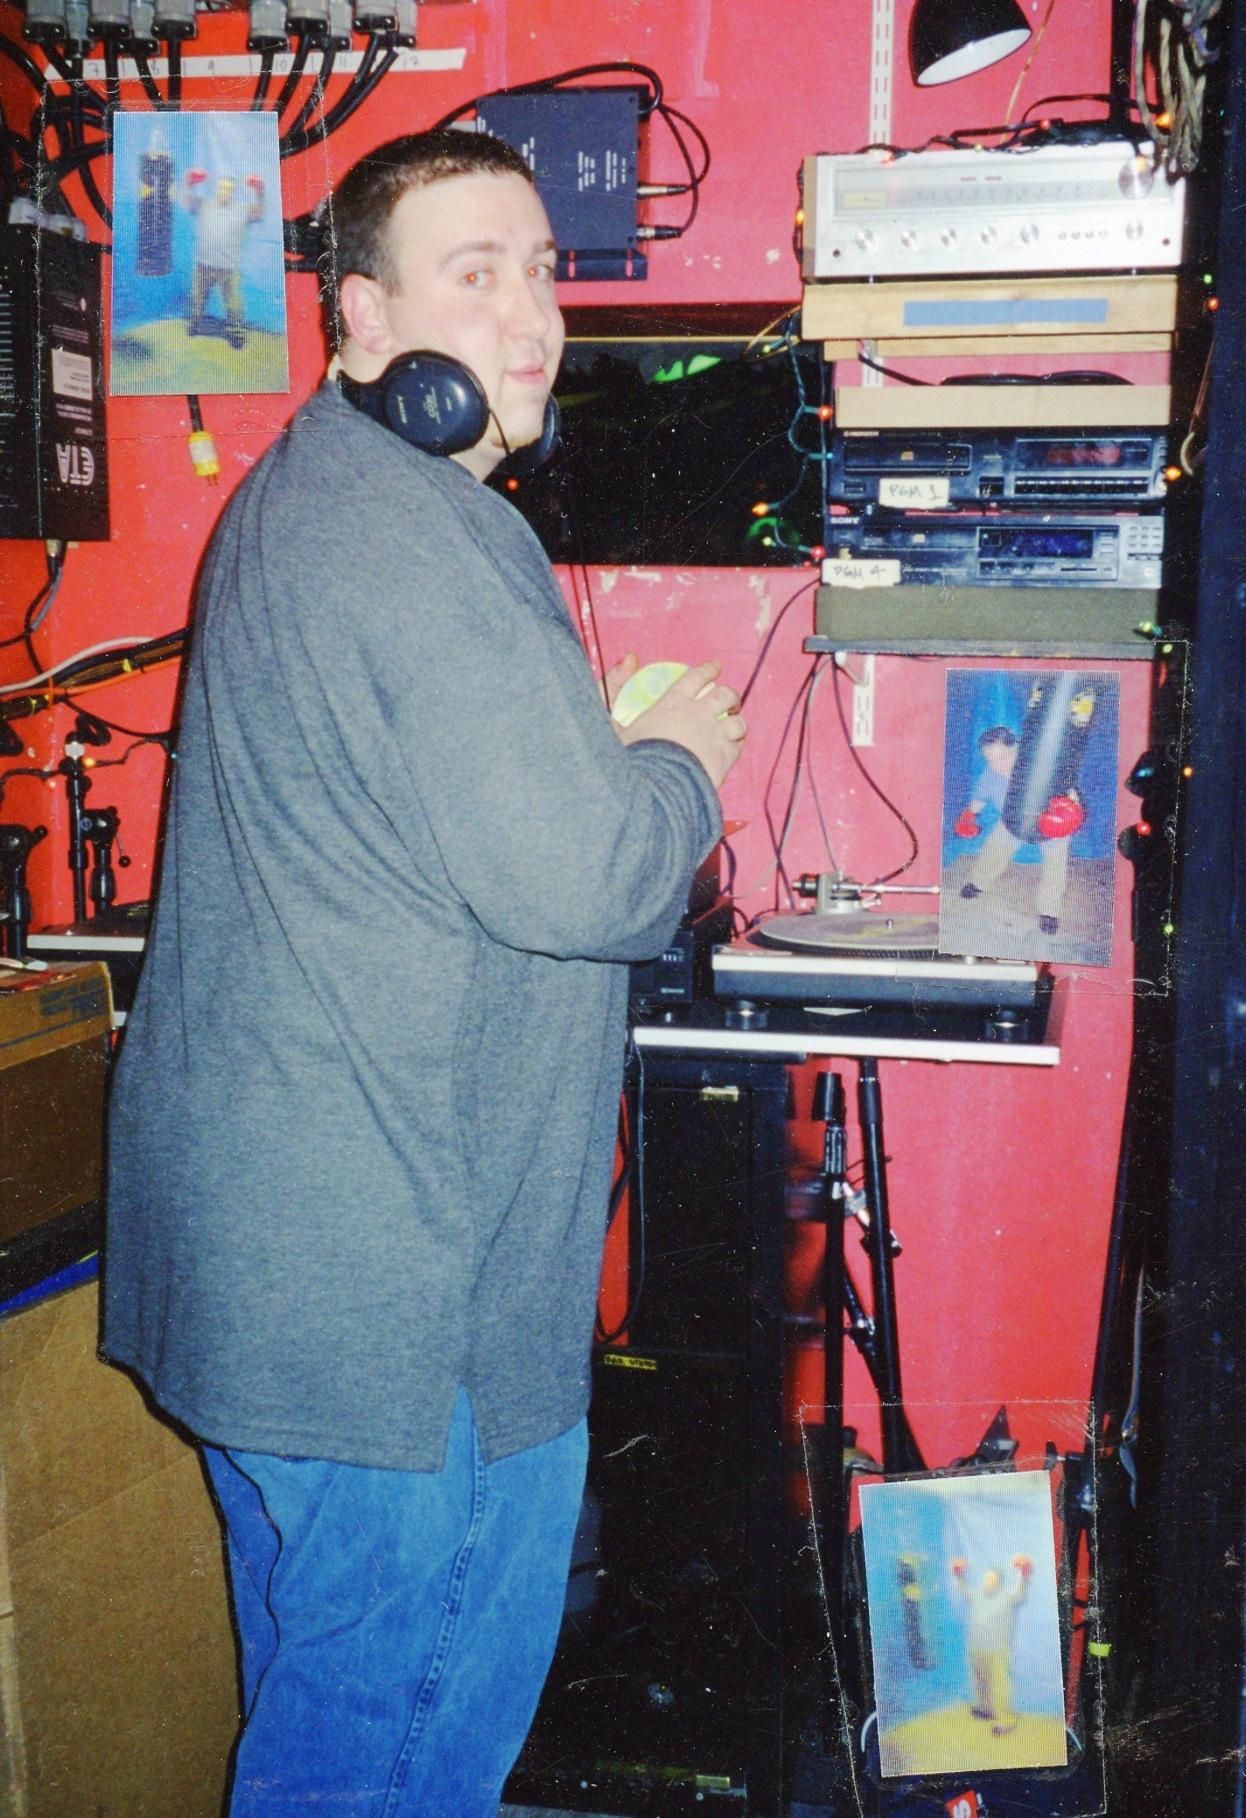 churchstreetdjs-retronome-club-metronome-dj-fattieb.jpg